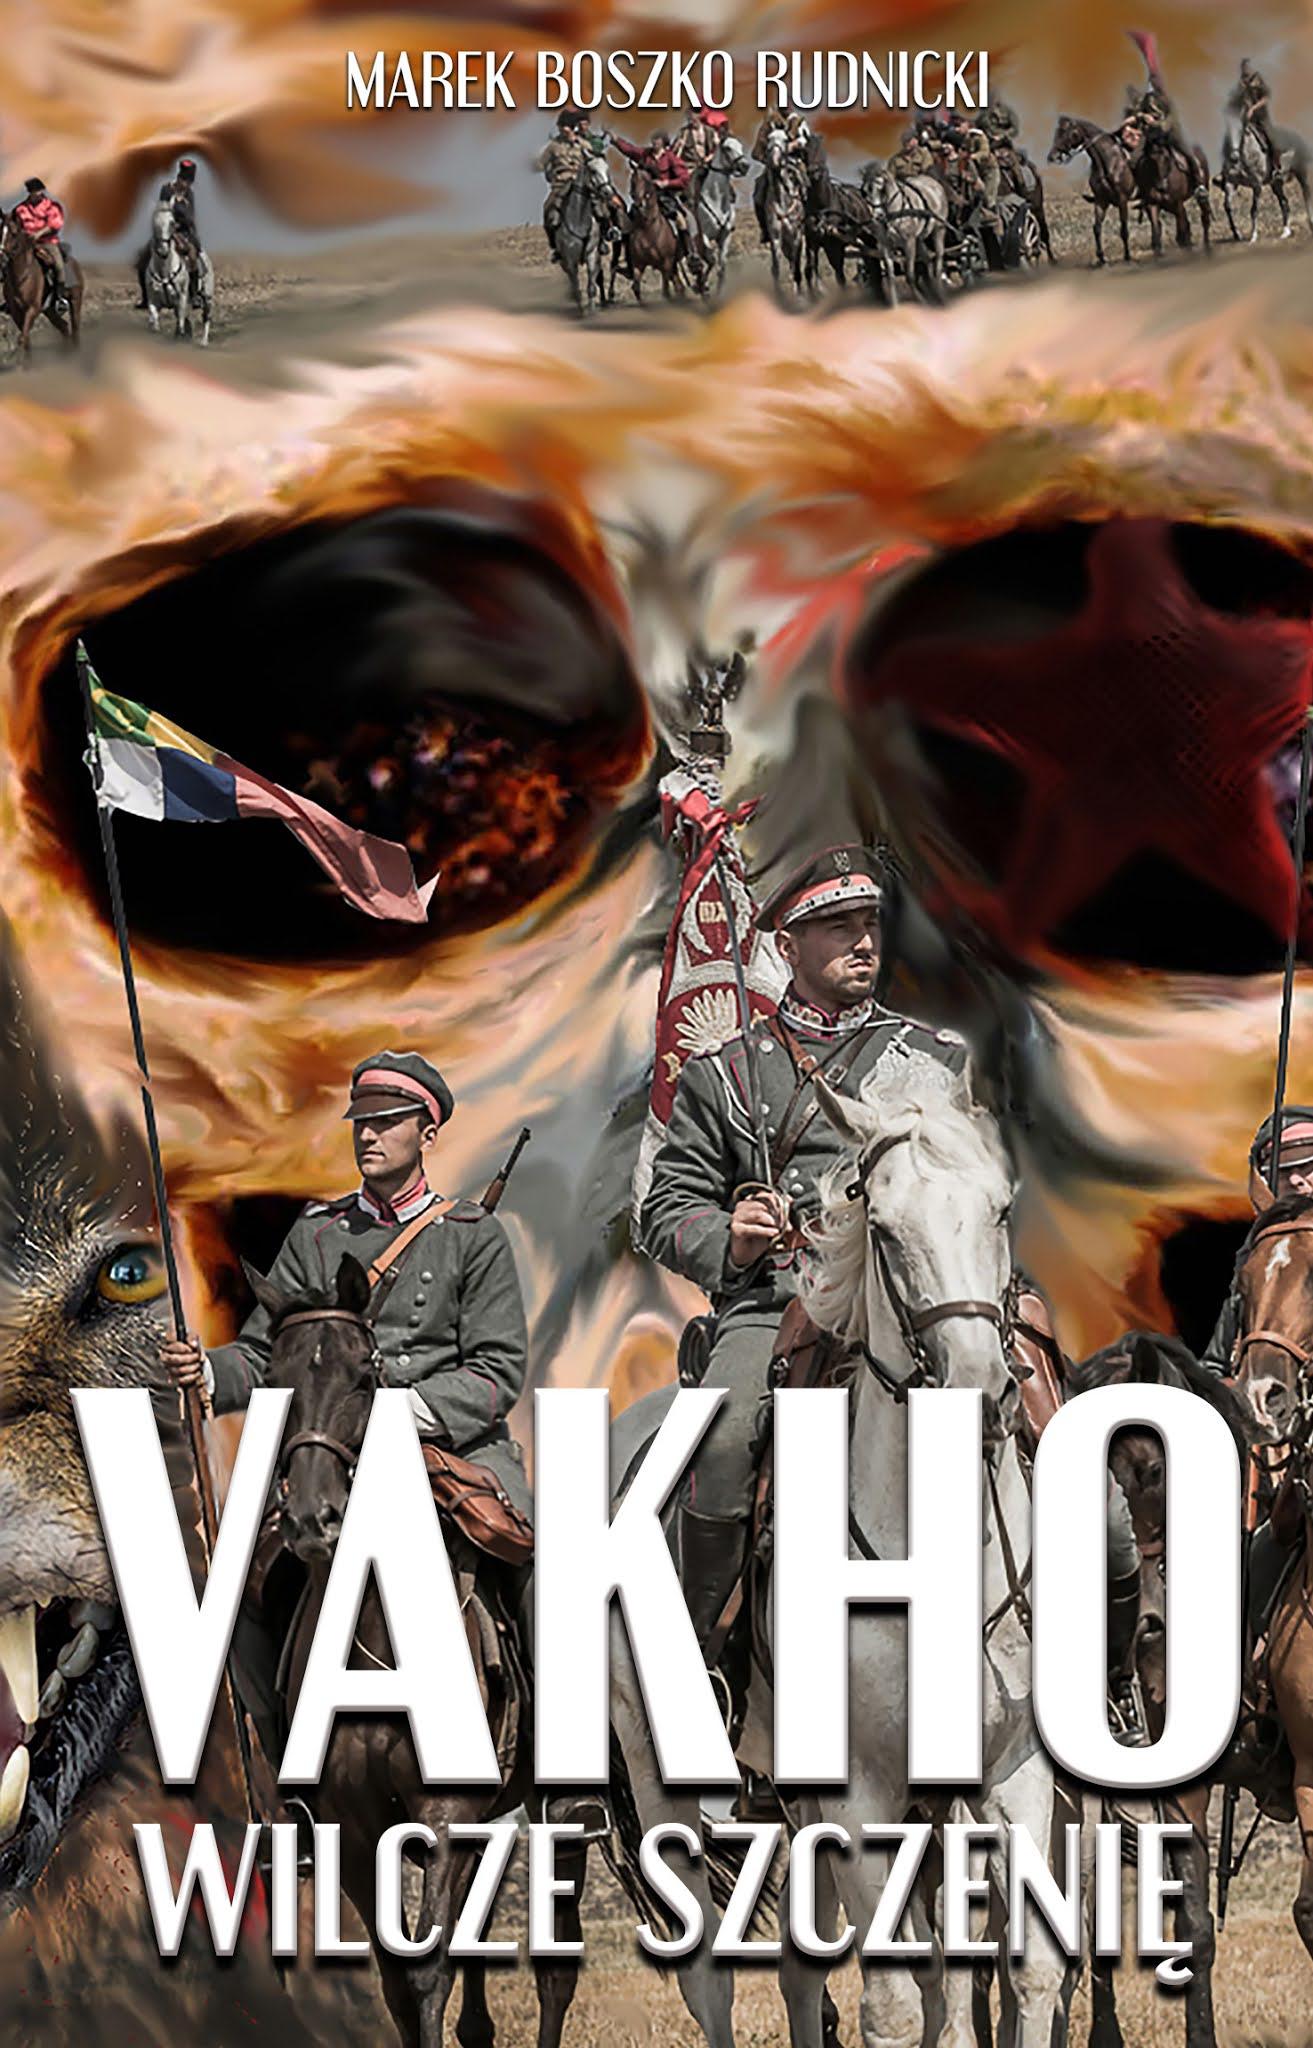 Vakho. Wilcze szczenię - Marek Boszko Rudnicki książka okładka przód